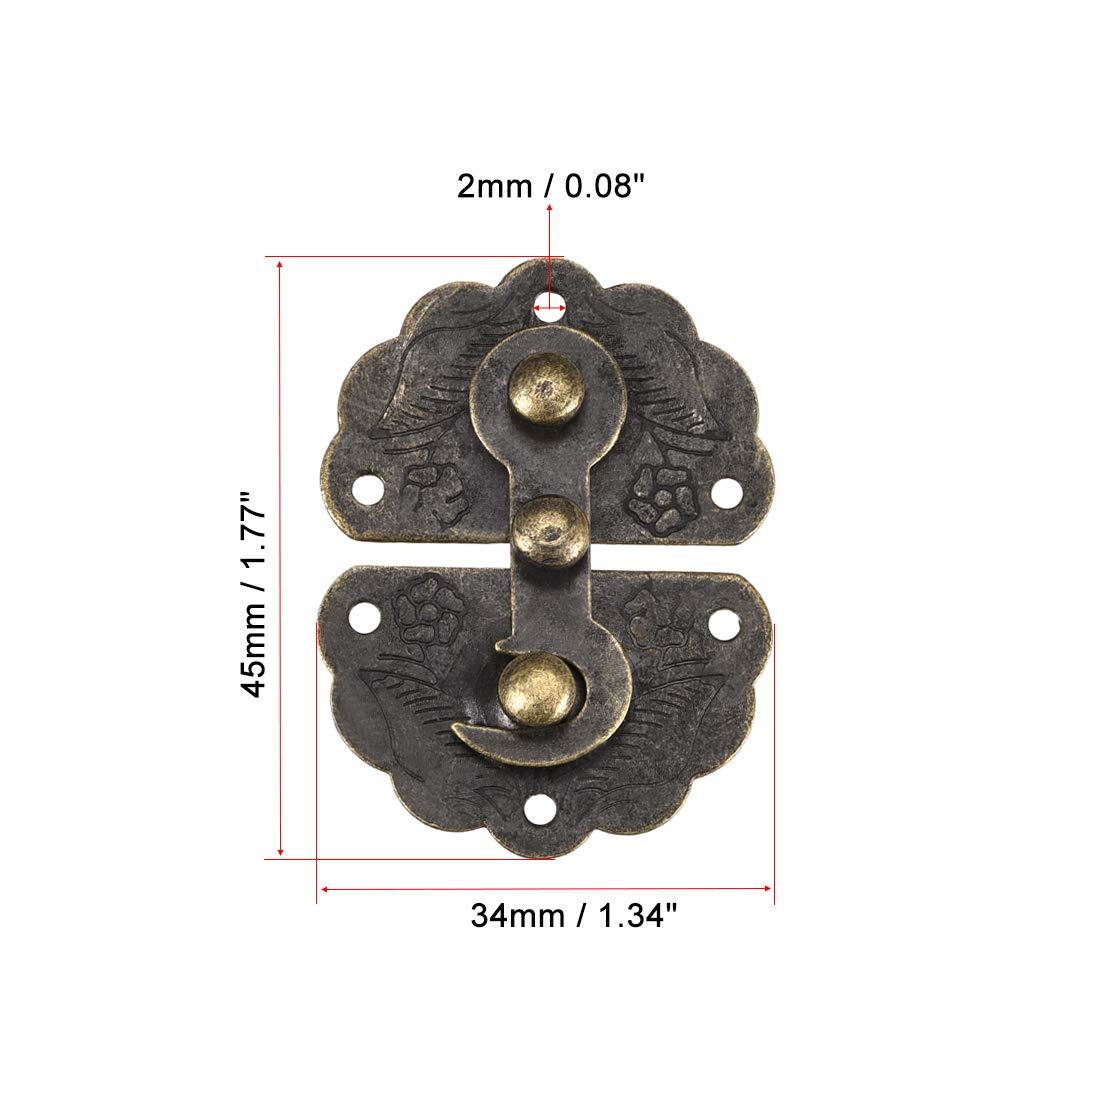 sourcing map Madera Estuche Caja 45x34mm Traba Antig/üedades Pestillos Gancho Tonos Bronce 45x34mm 2 piezas